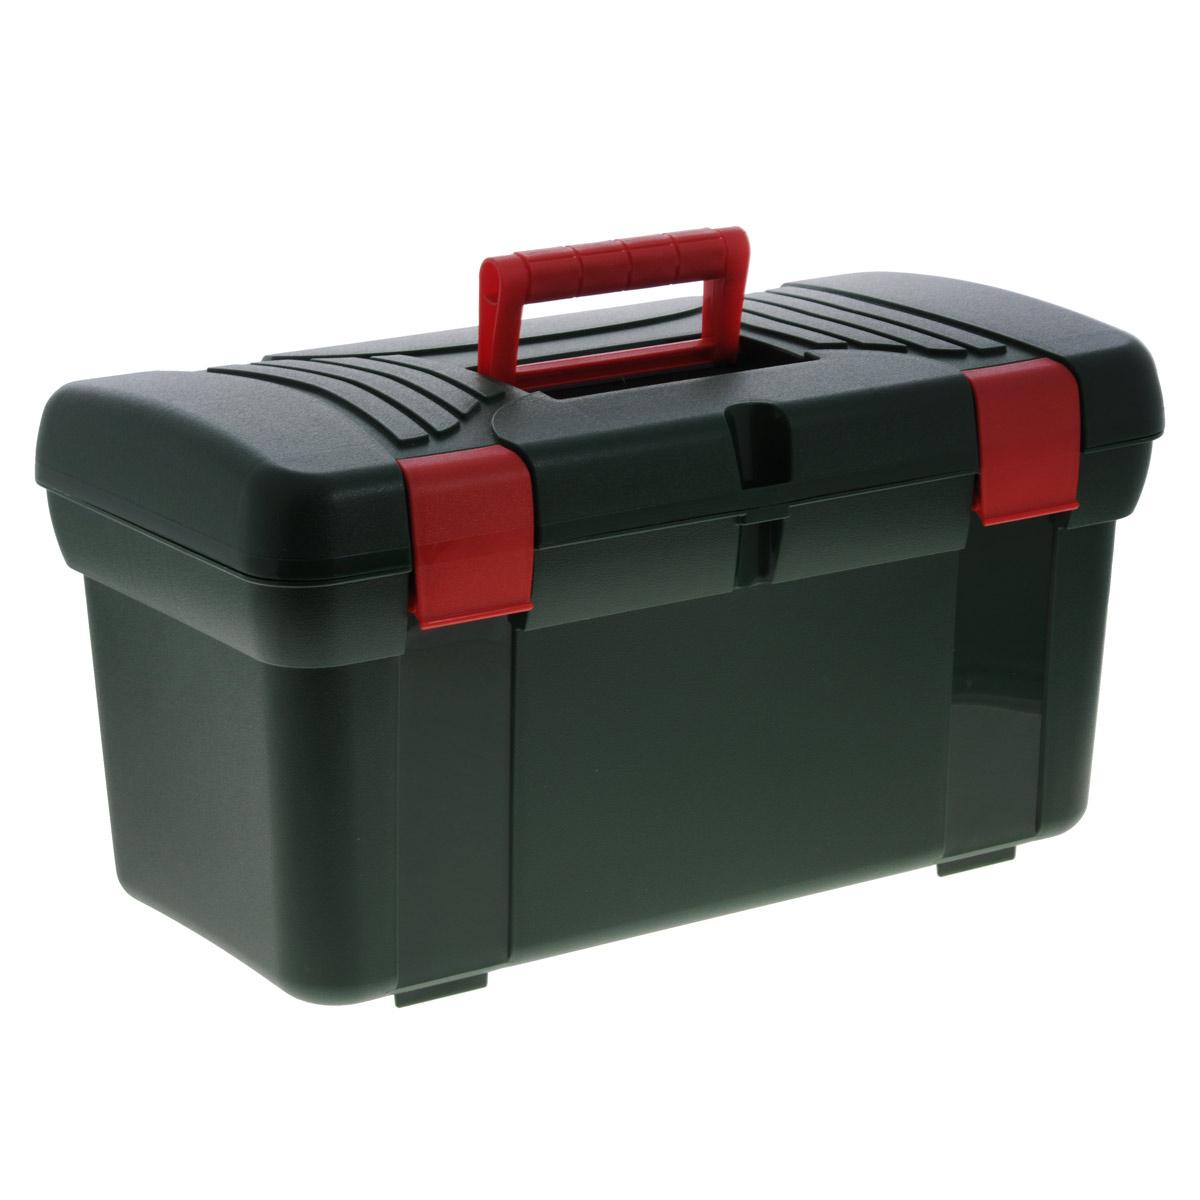 Ящик Универсал, 50 х 26 х 27 см корзина для мусора бытпласт цвет серо бежевый высота 26 см